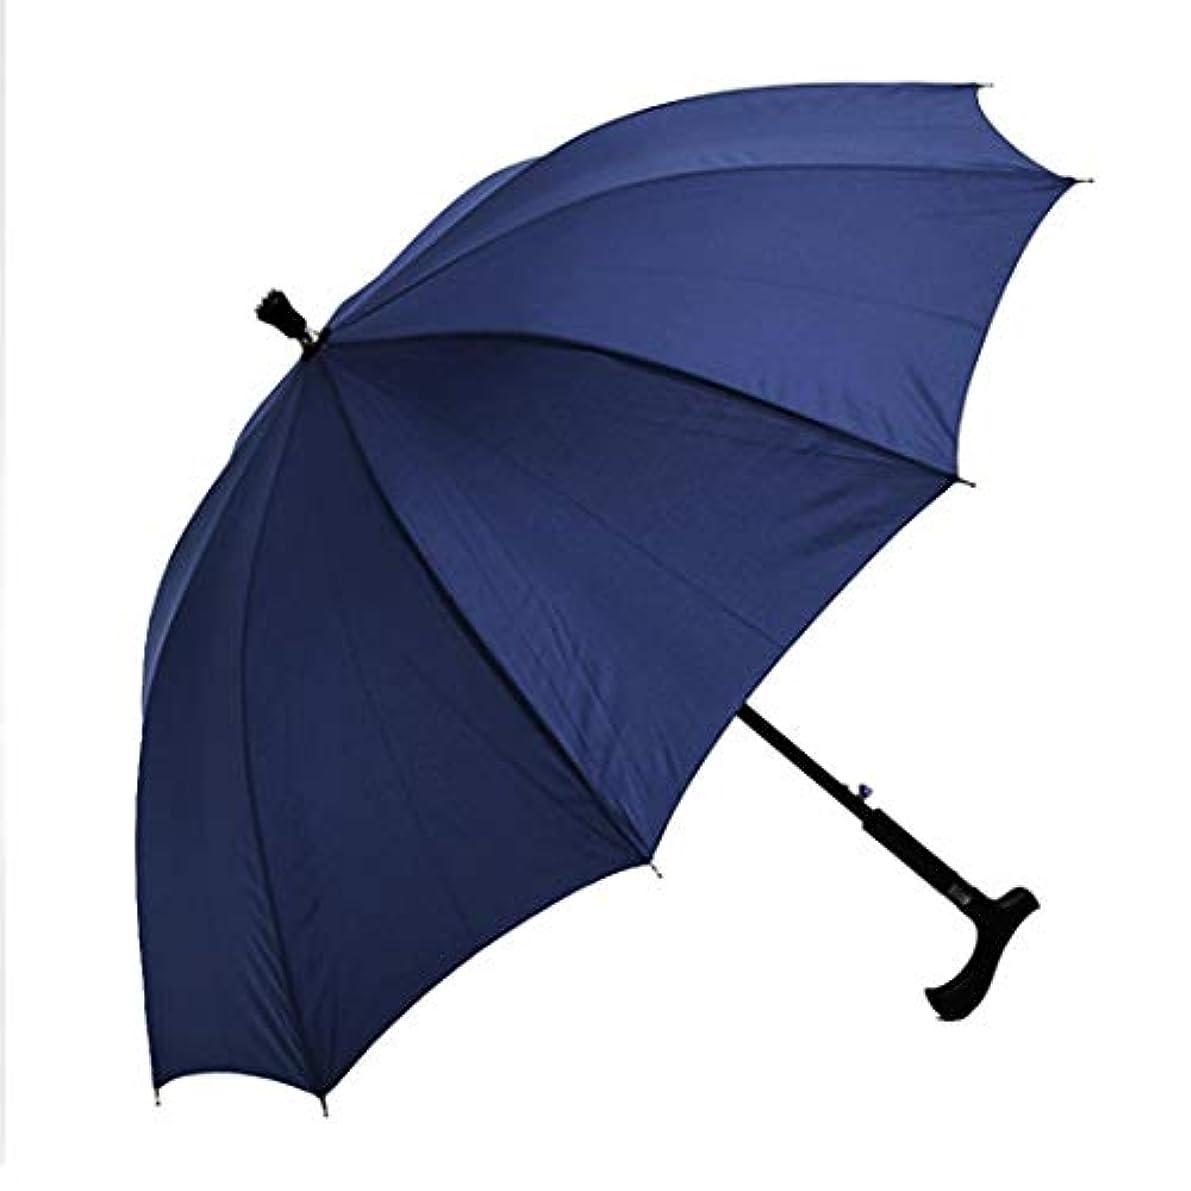 免除ドット切り離すcomentrisyz 2-in-1 クライミング ハイキング スティック 松葉杖 防風雨 サン 傘 - ブルー